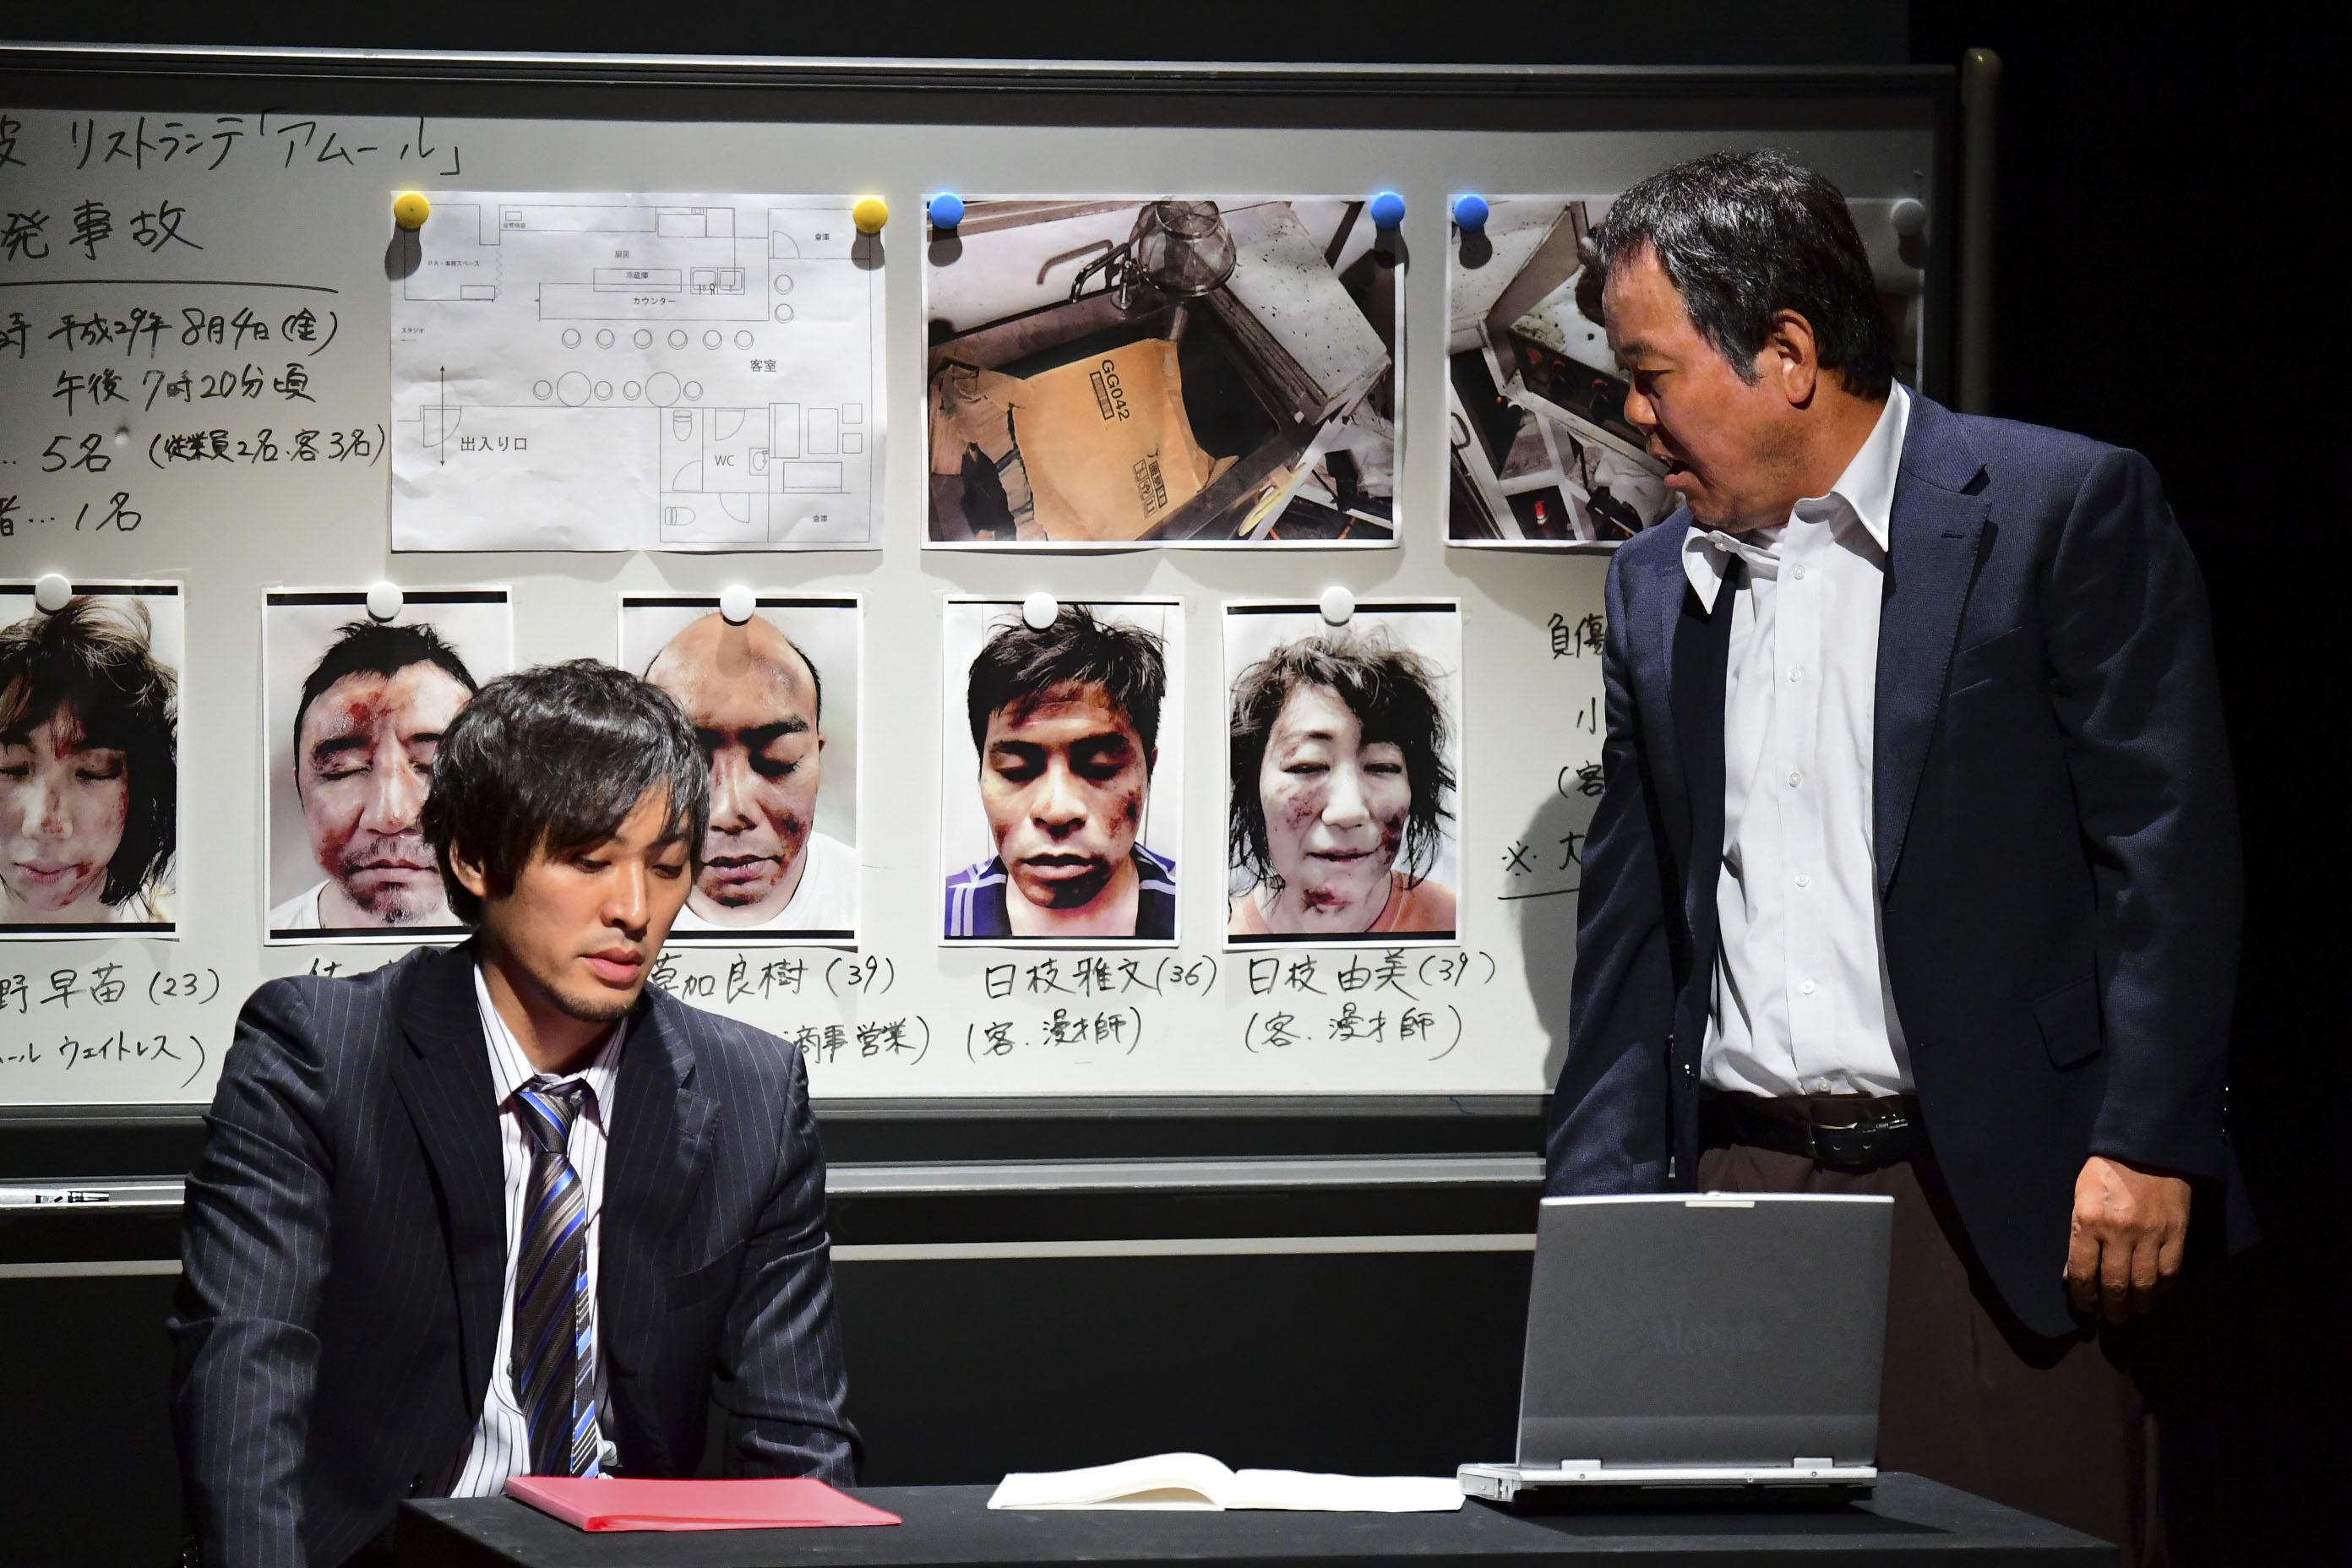 http://news.yoshimoto.co.jp/20170805012633-9f268b7bcc1037be0daf4ec311264deefc023bc8.jpg